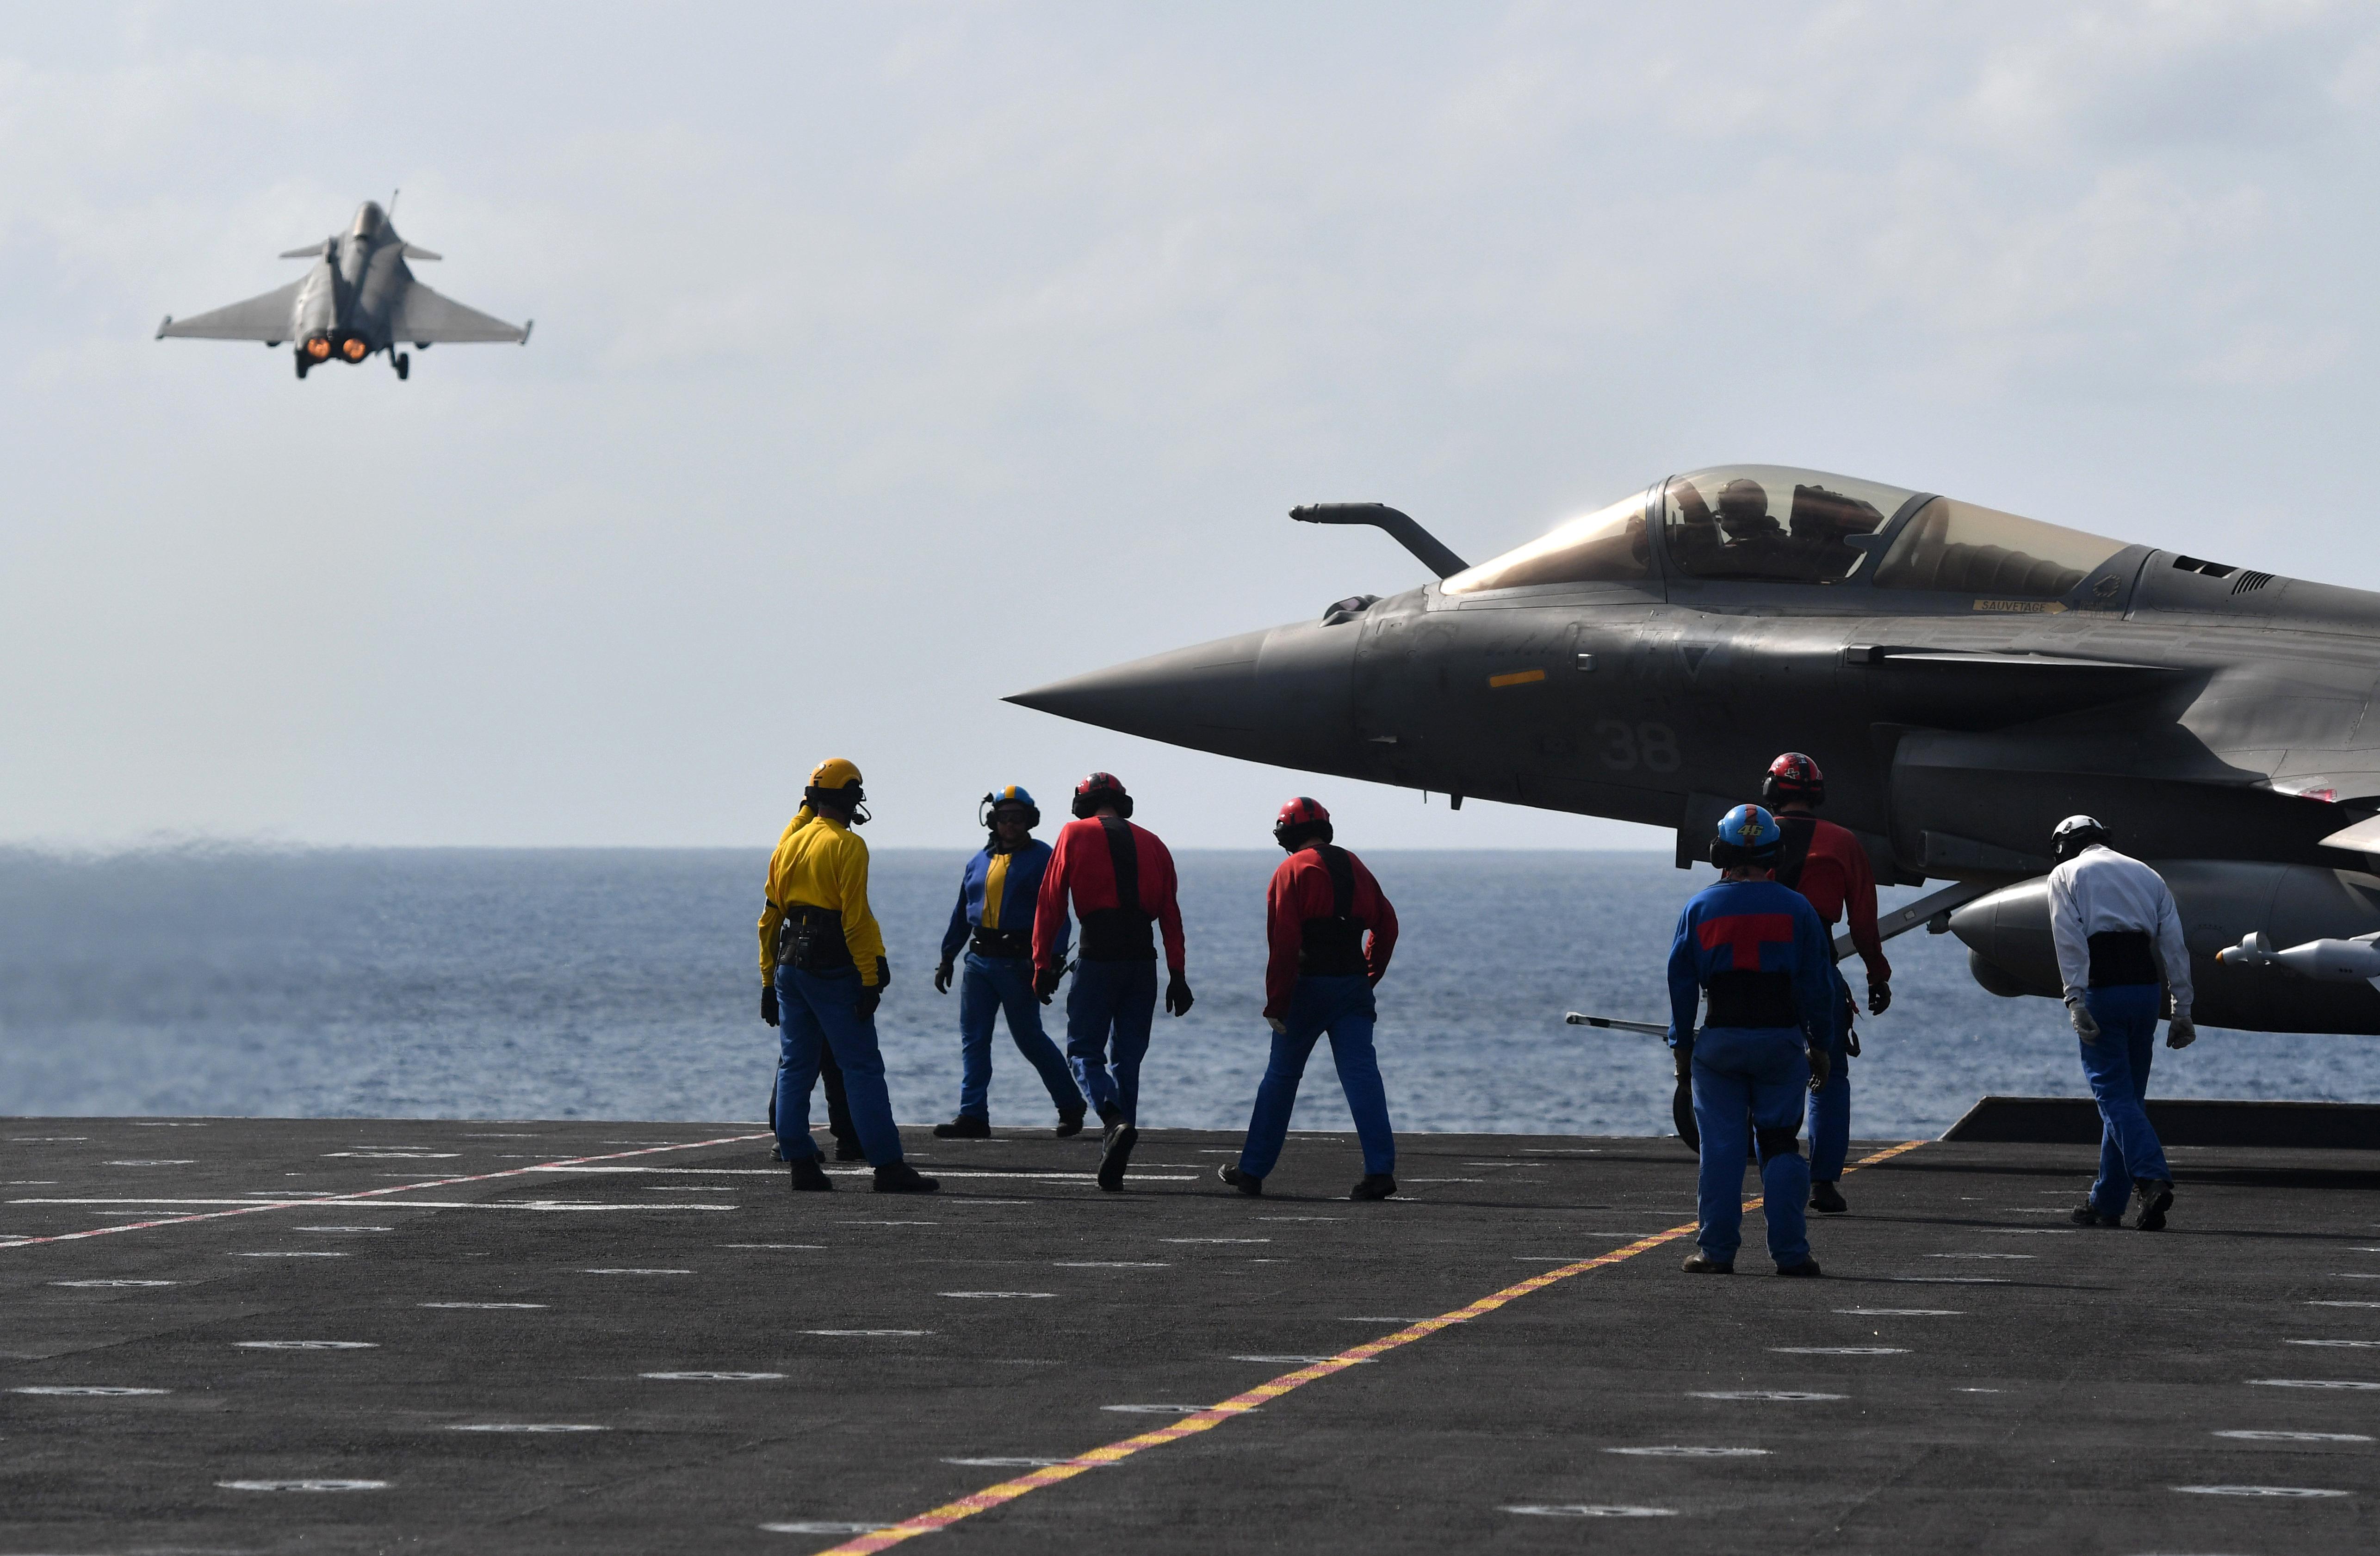 Apró repülőhordozójuk helyett a világ hatodik legnagyobb szigetére szállt le a francia légierő hét vadászgépe